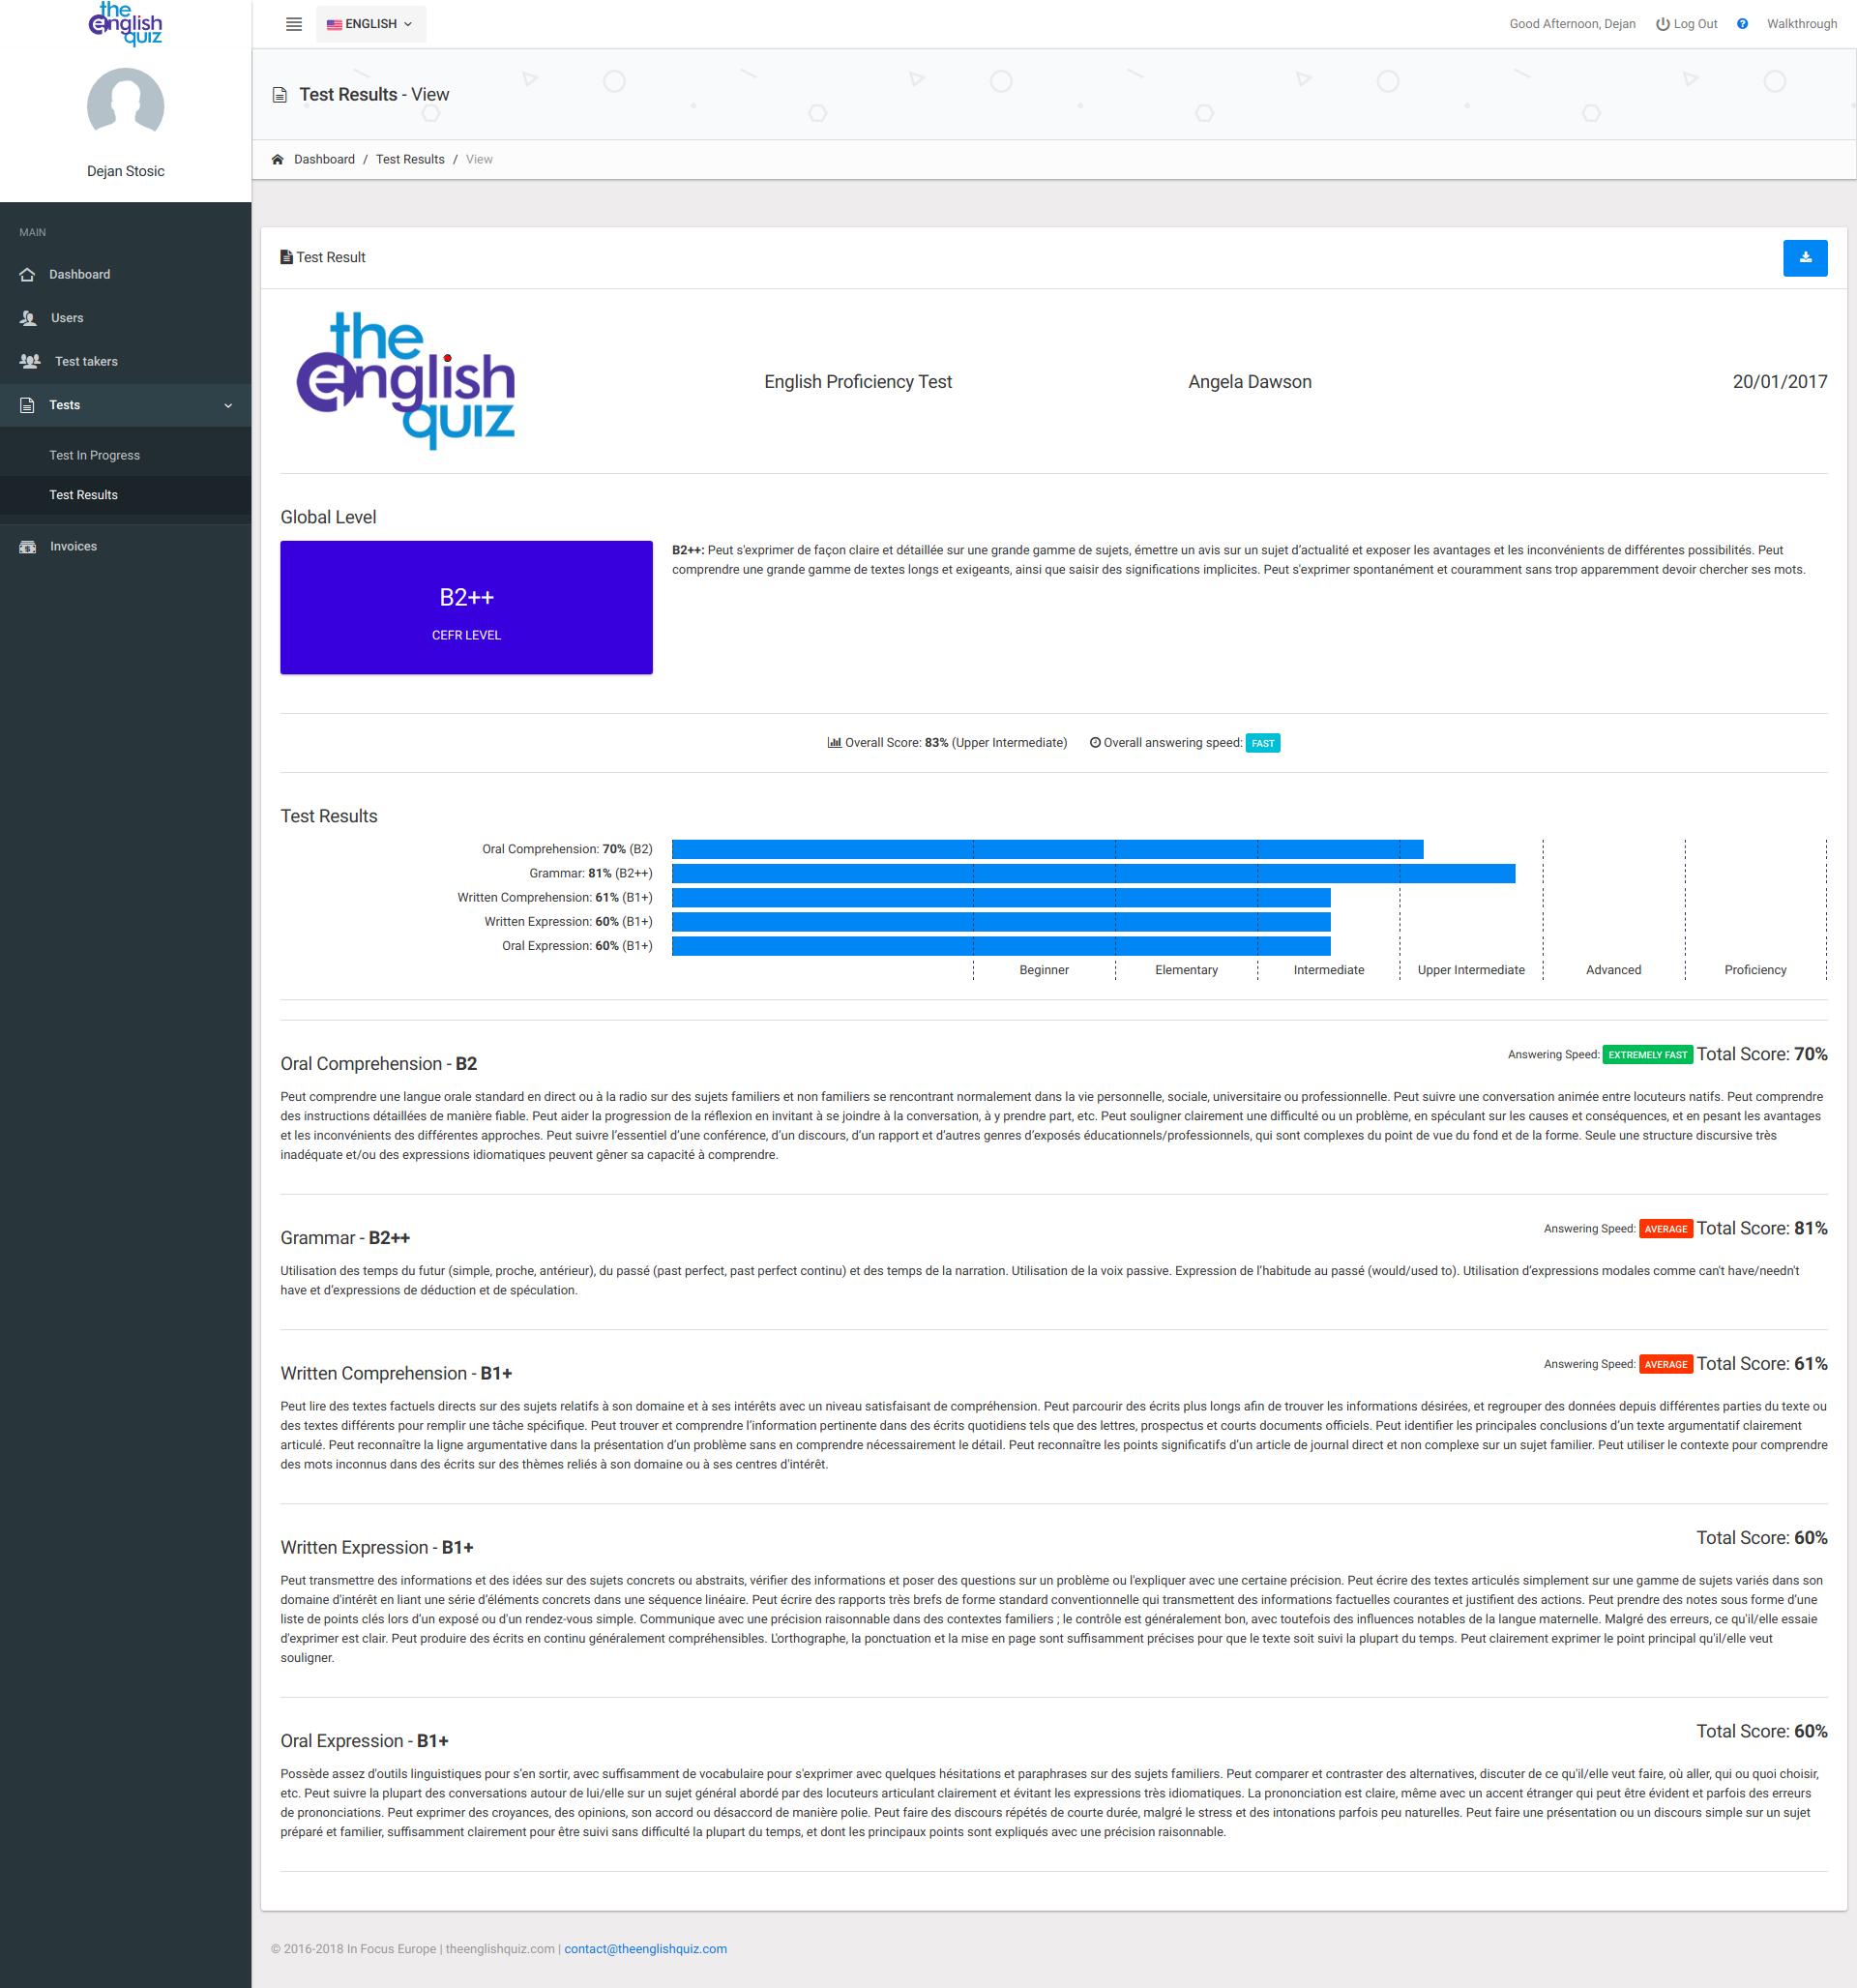 screencapture-etest-app-admin-test-result-31-2018-10-21-14_51_29.png